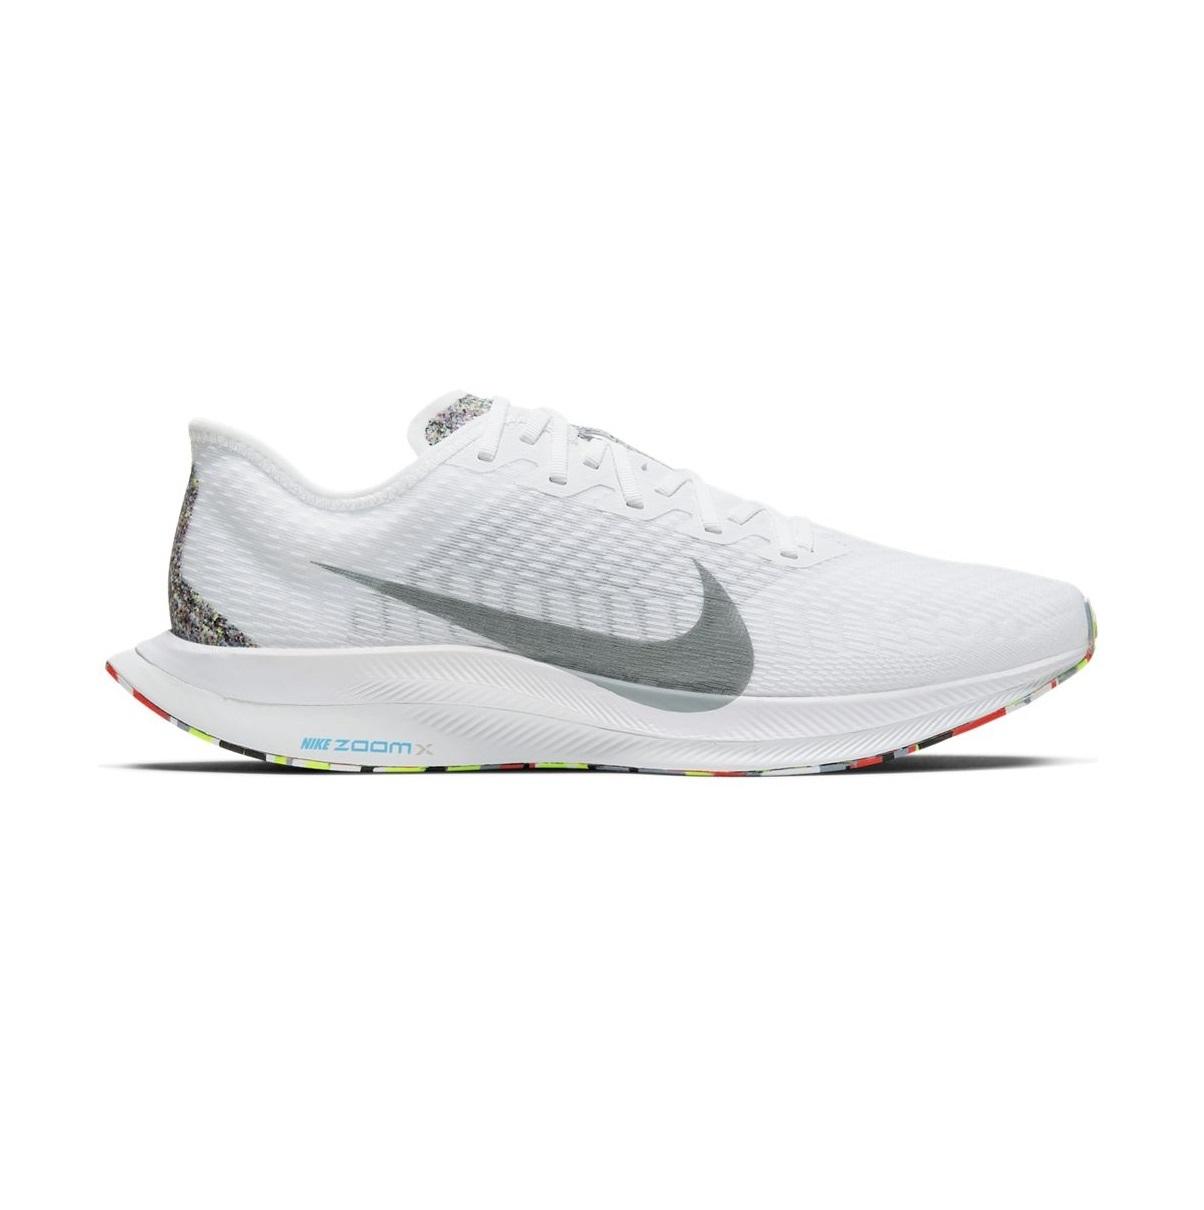 Aplicar Variante proteger  Zapatilla de running - Hombre - Nike Zoom Pegasus Turbo 2 - BV7765-100 |  Ferrer Sport | Tienda online de deportes